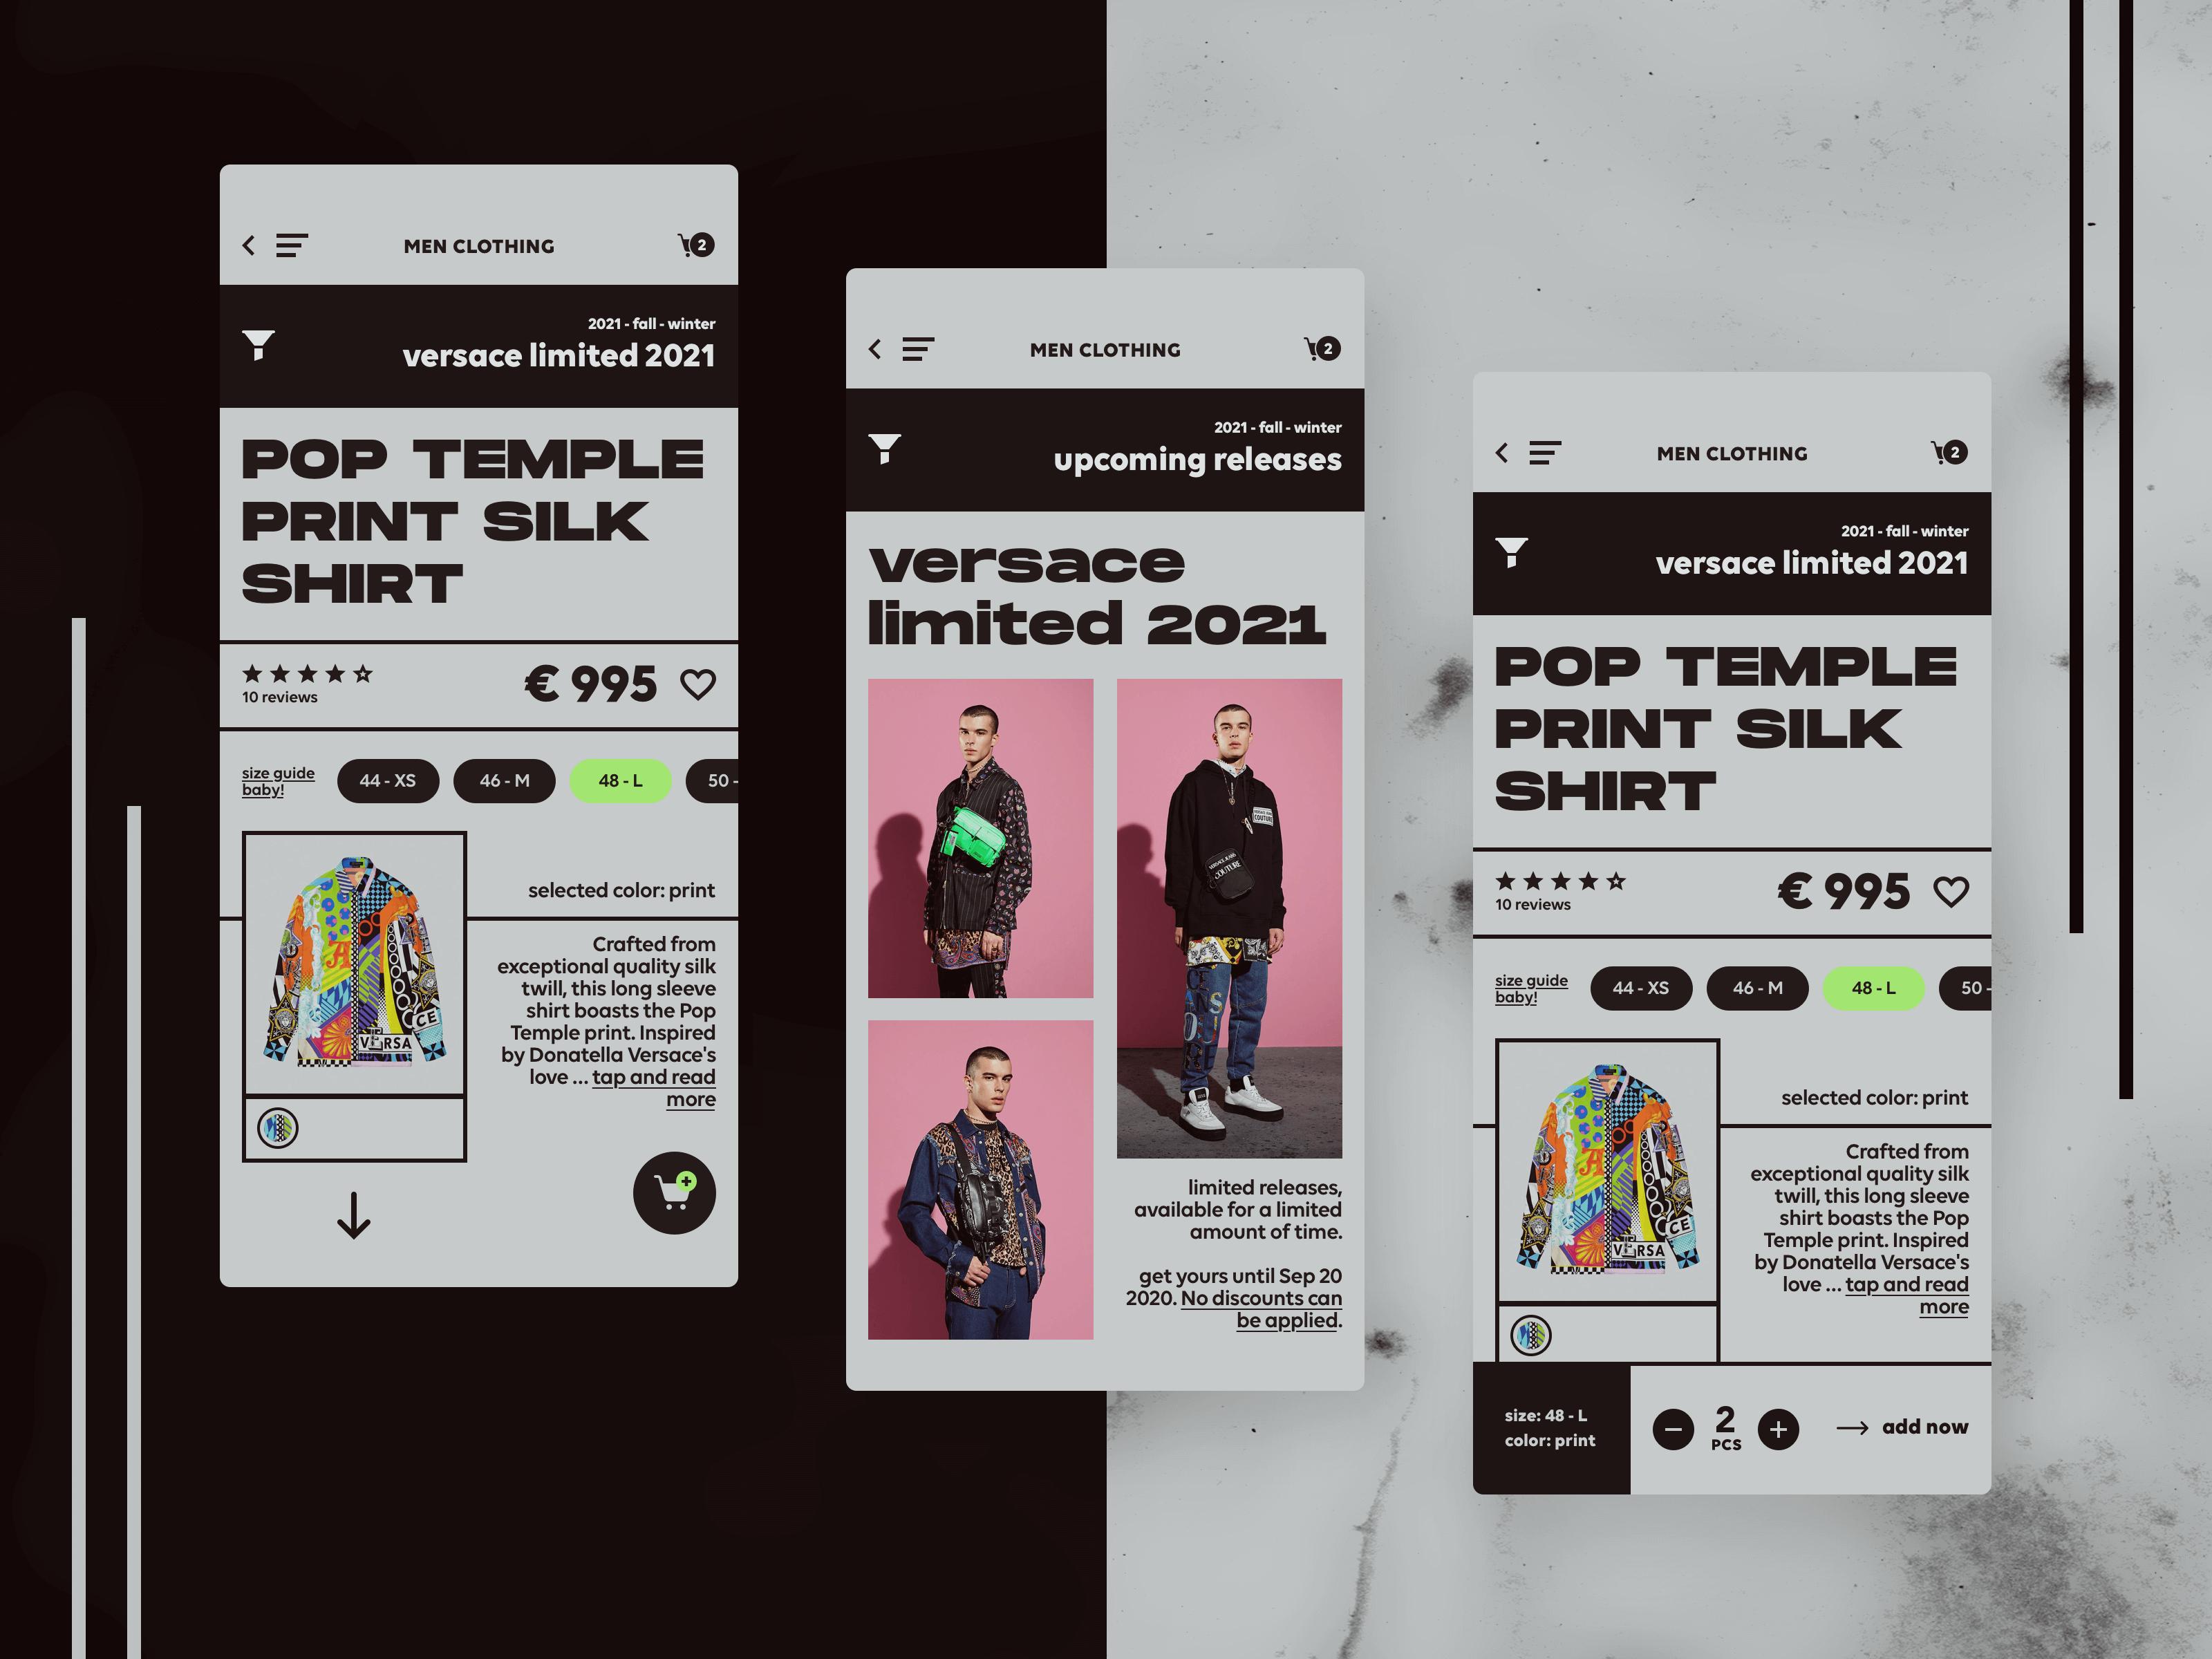 High-End-Fashion-Store-iOS-App-Design-4-1